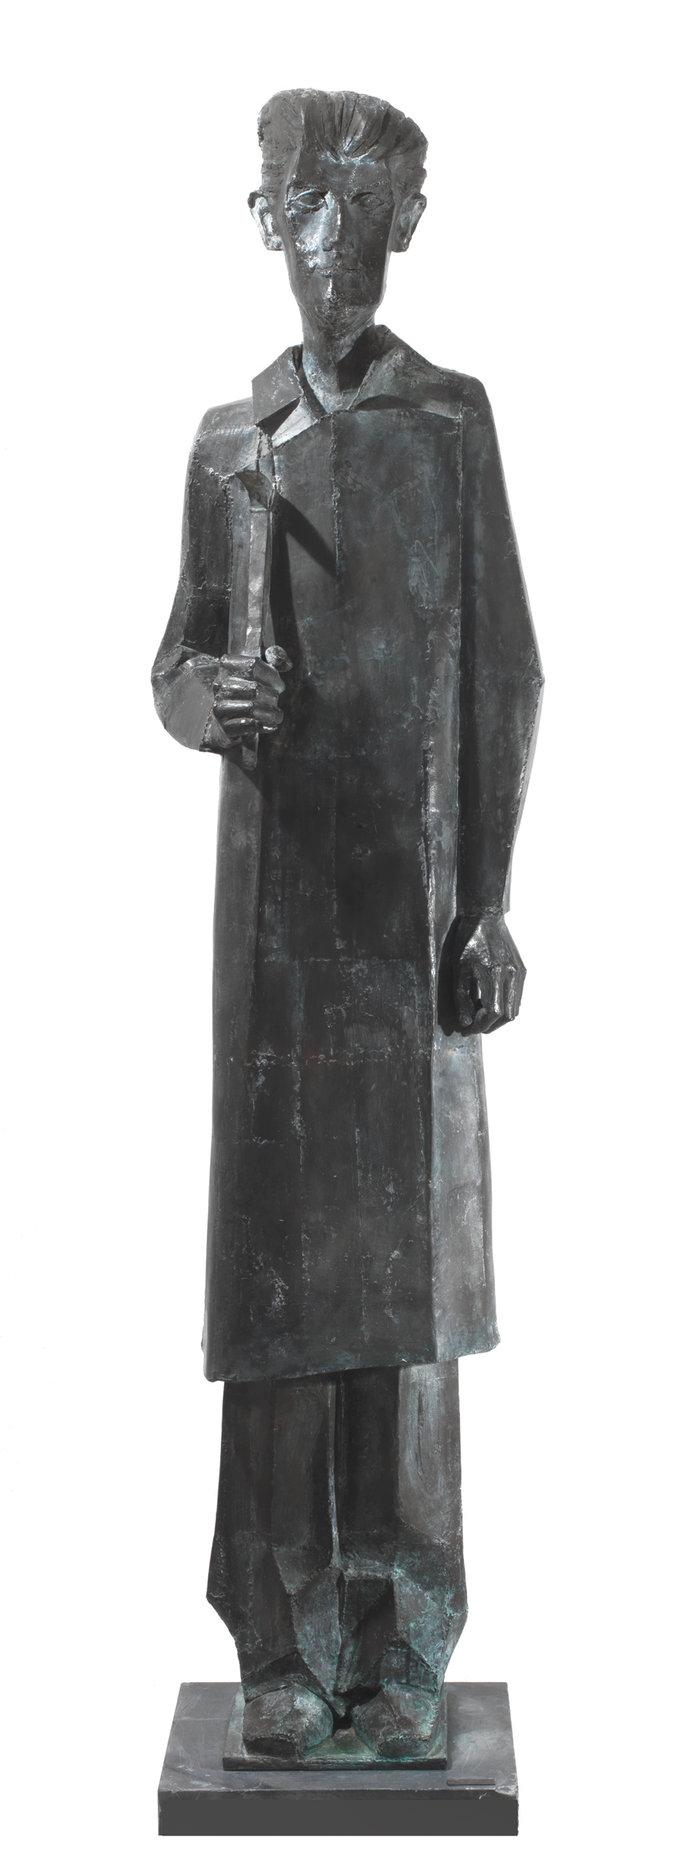 Αλέξανδρος ο πλανόδιος, 1968, ορείχαλκος, 190 x 48 x 43 εκ.